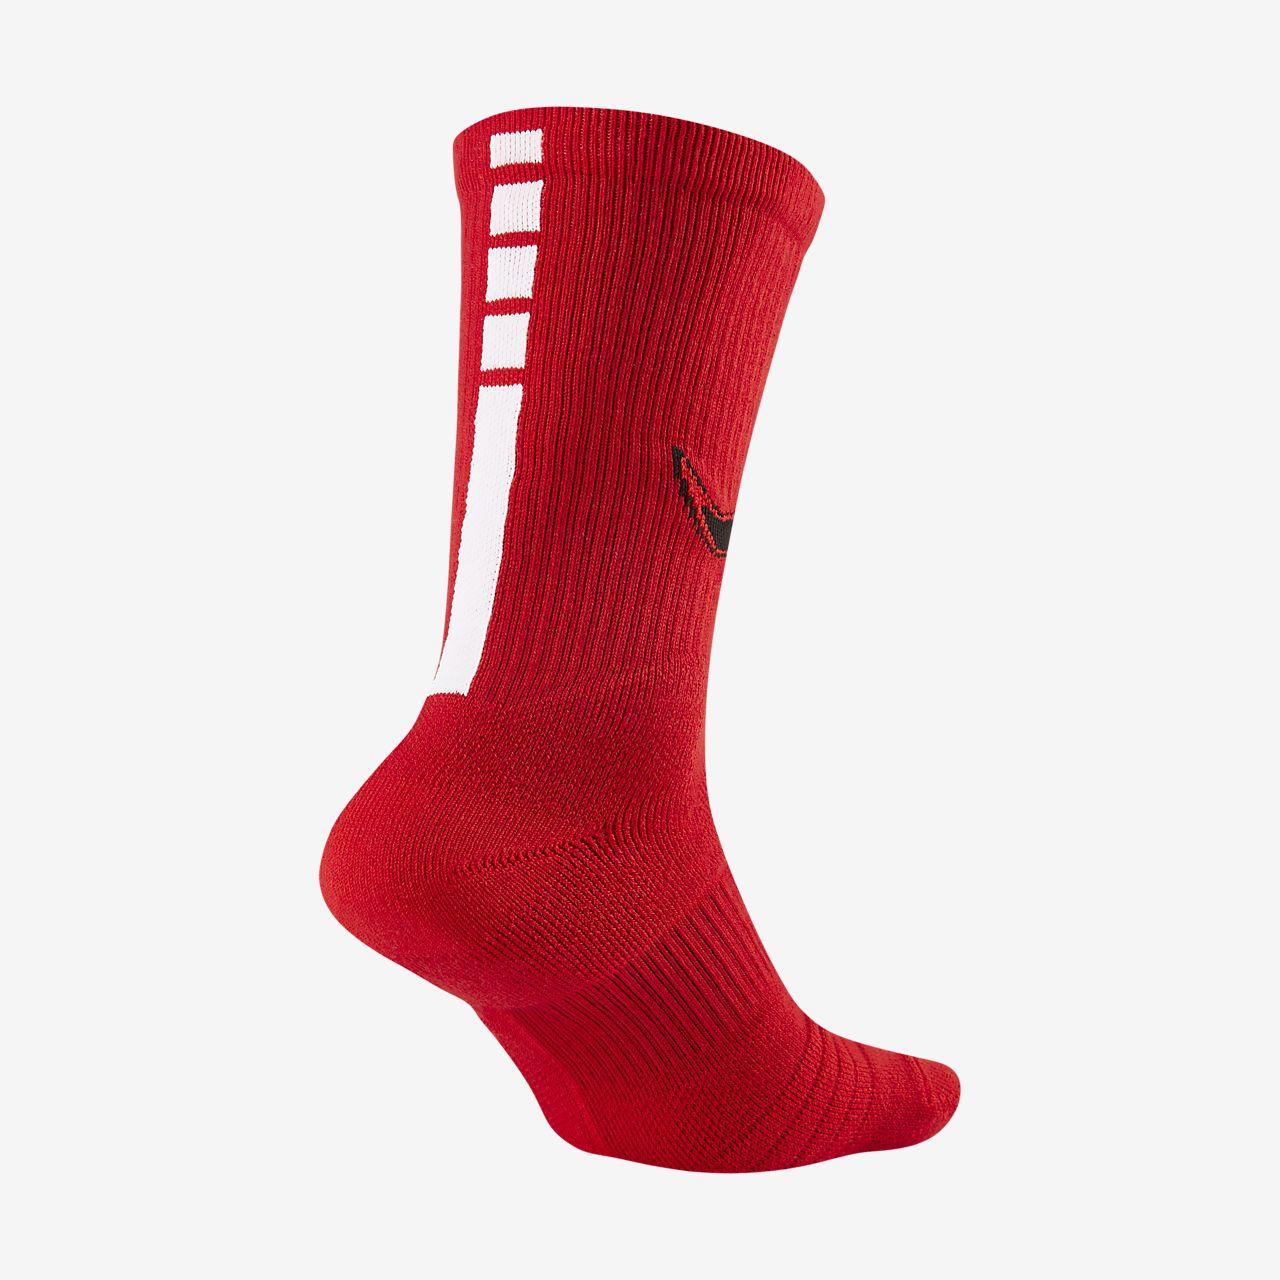 Chicago Bulls Nike Elite NBA Crew Socks